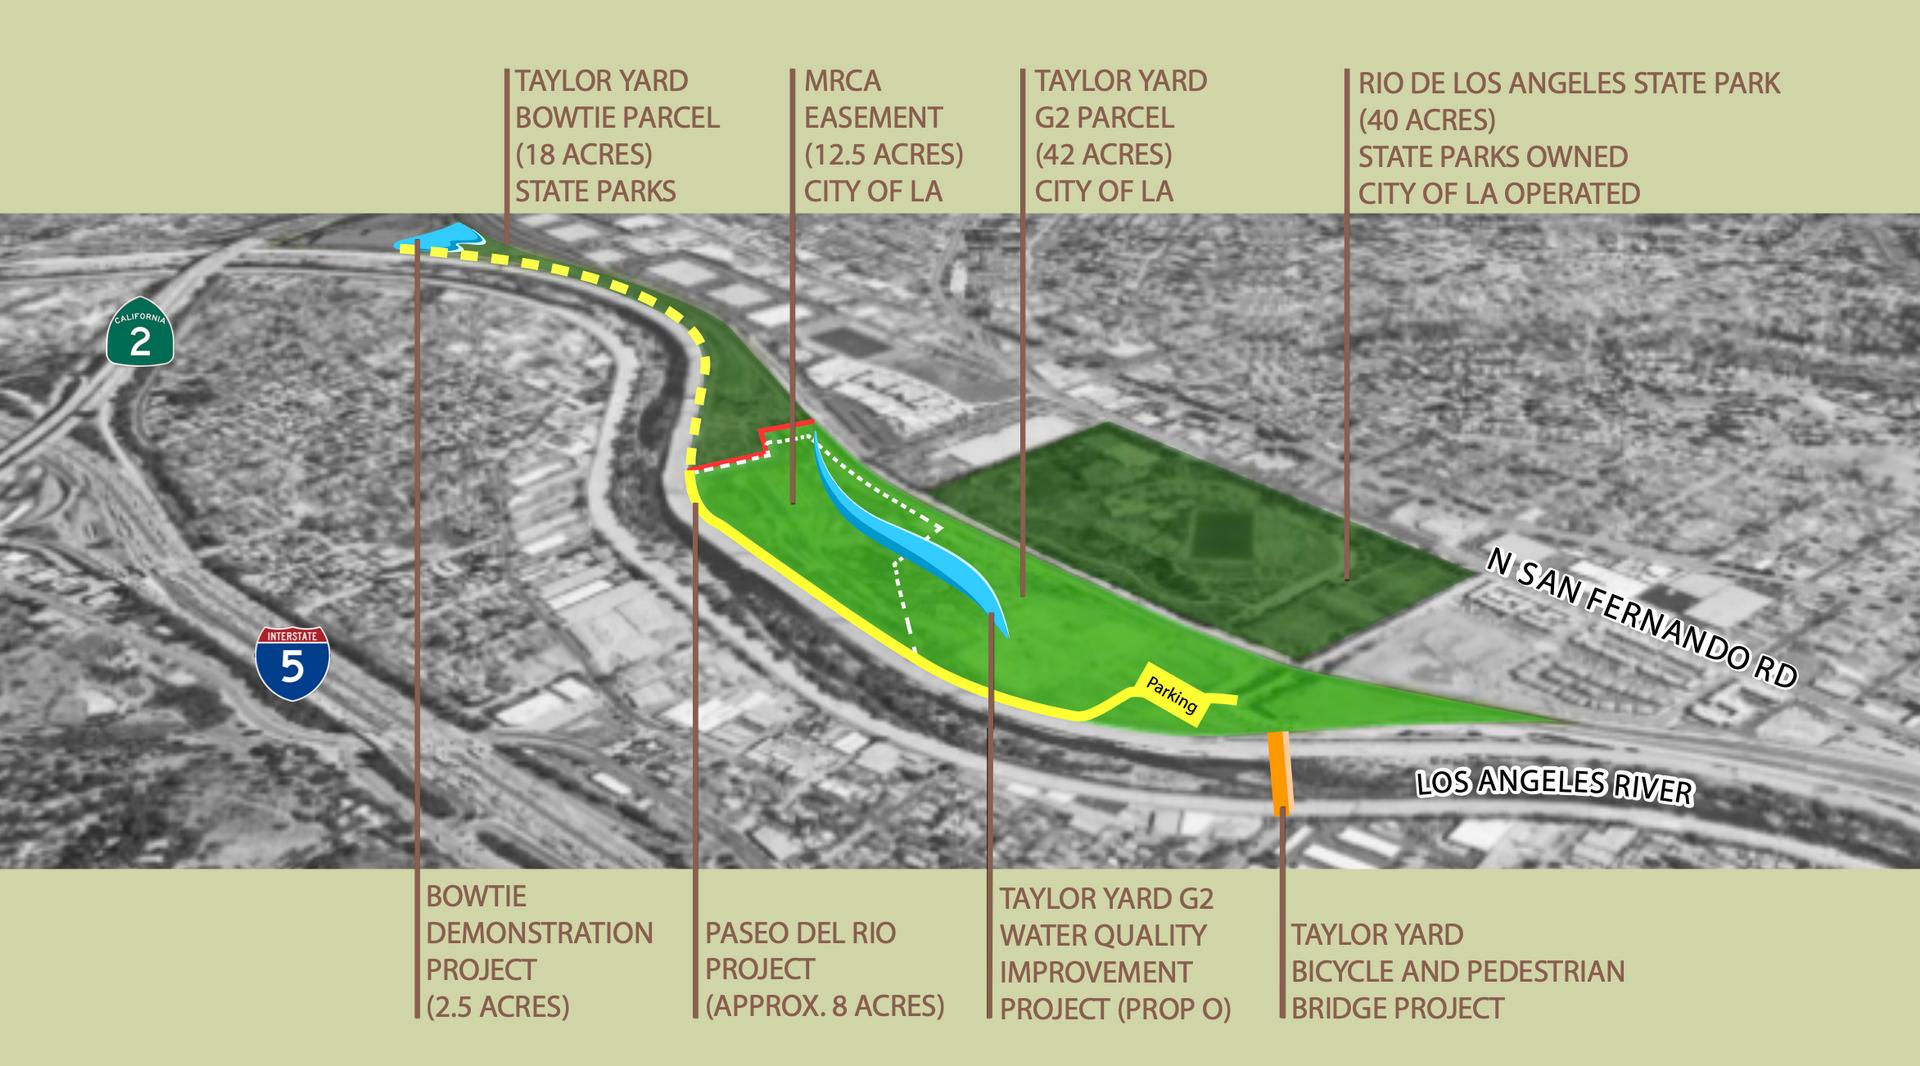 แผนที่ Taylor Yard Parcel